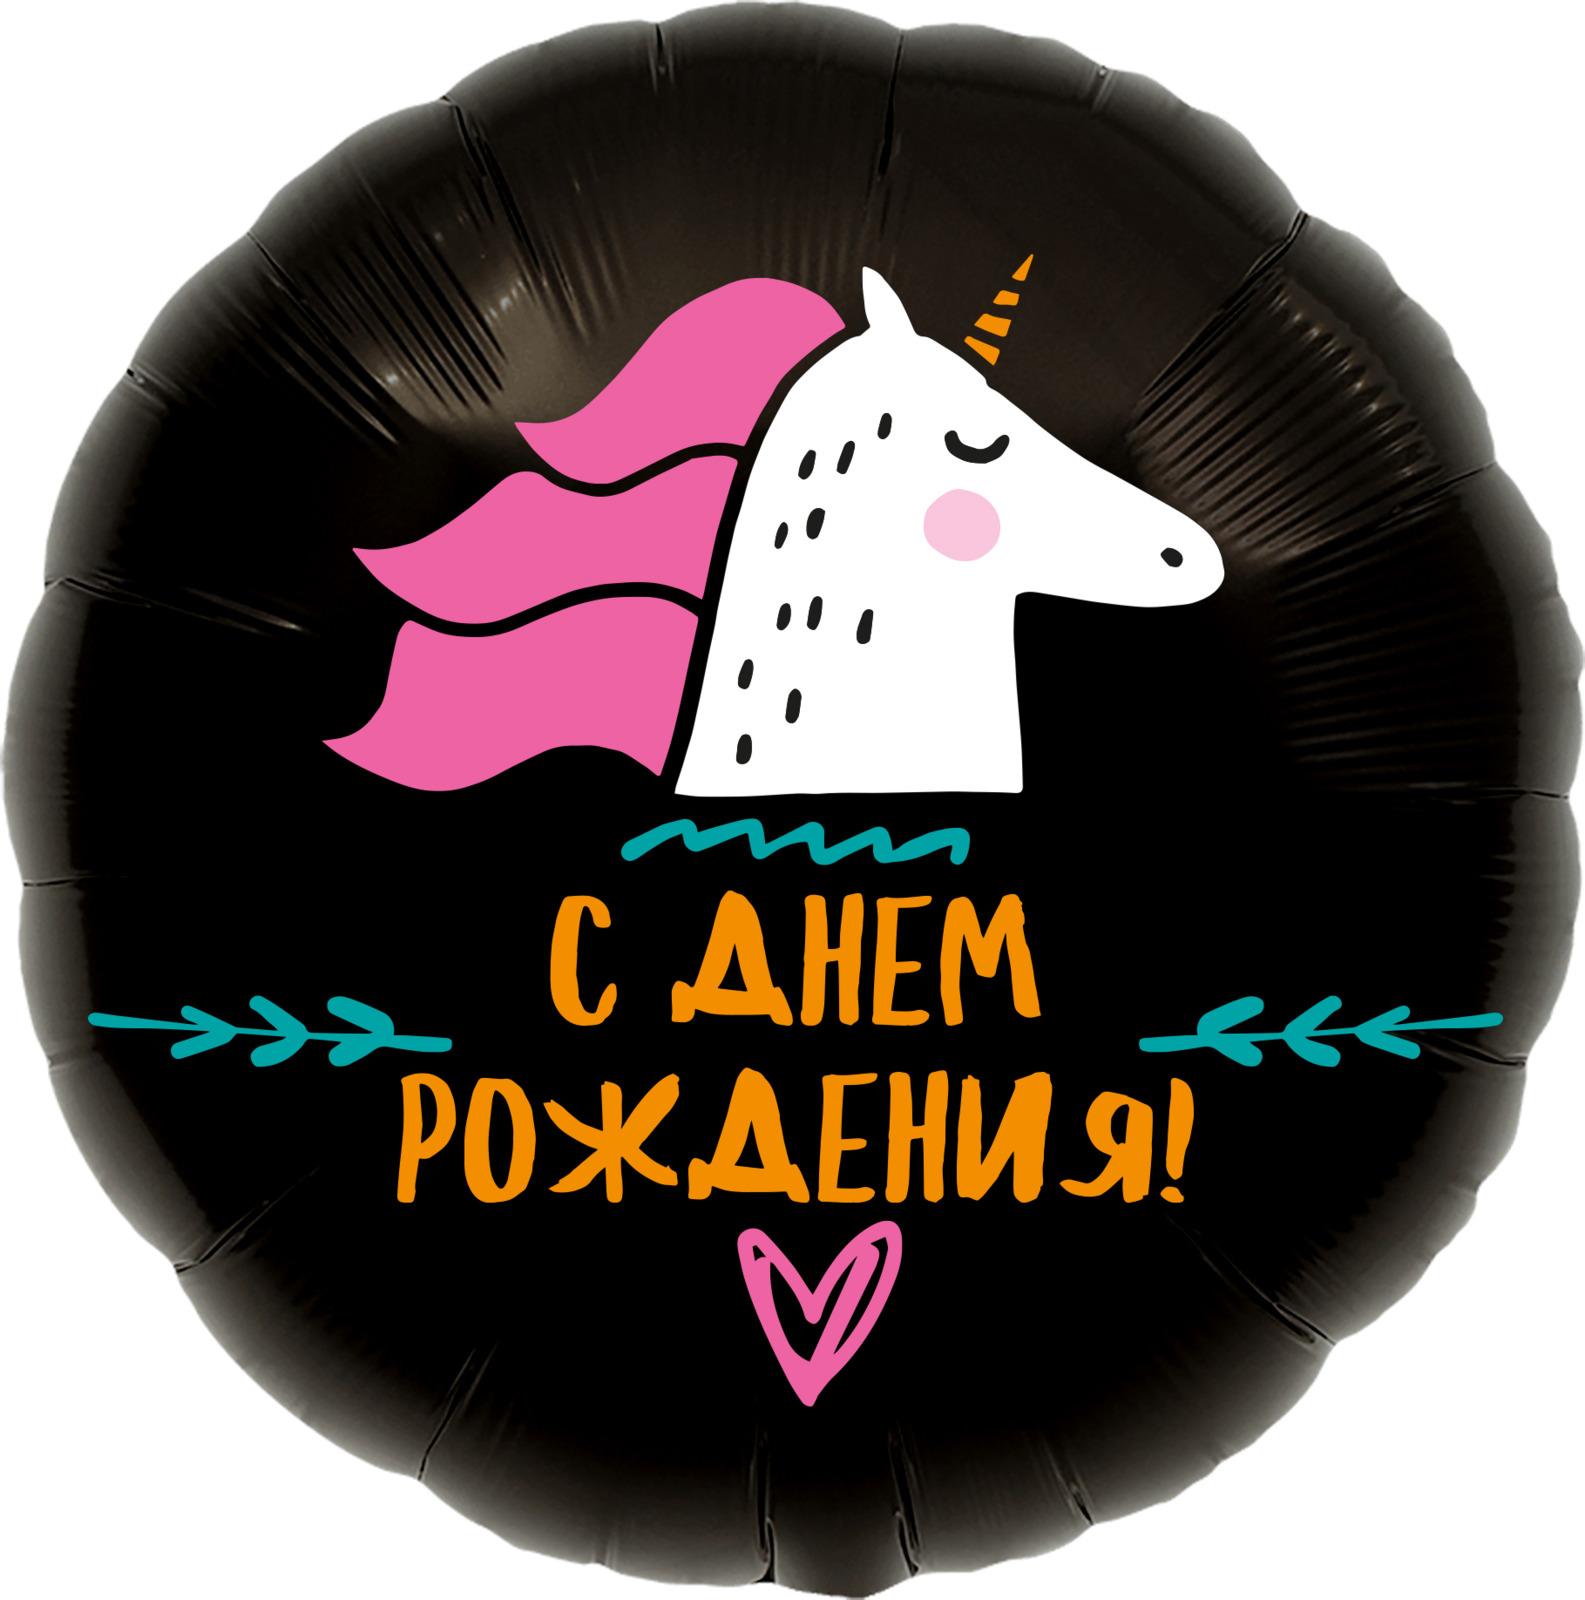 Воздушный шар Agura Miland Единорог -с днем рождения, 466-5-305-40818-8